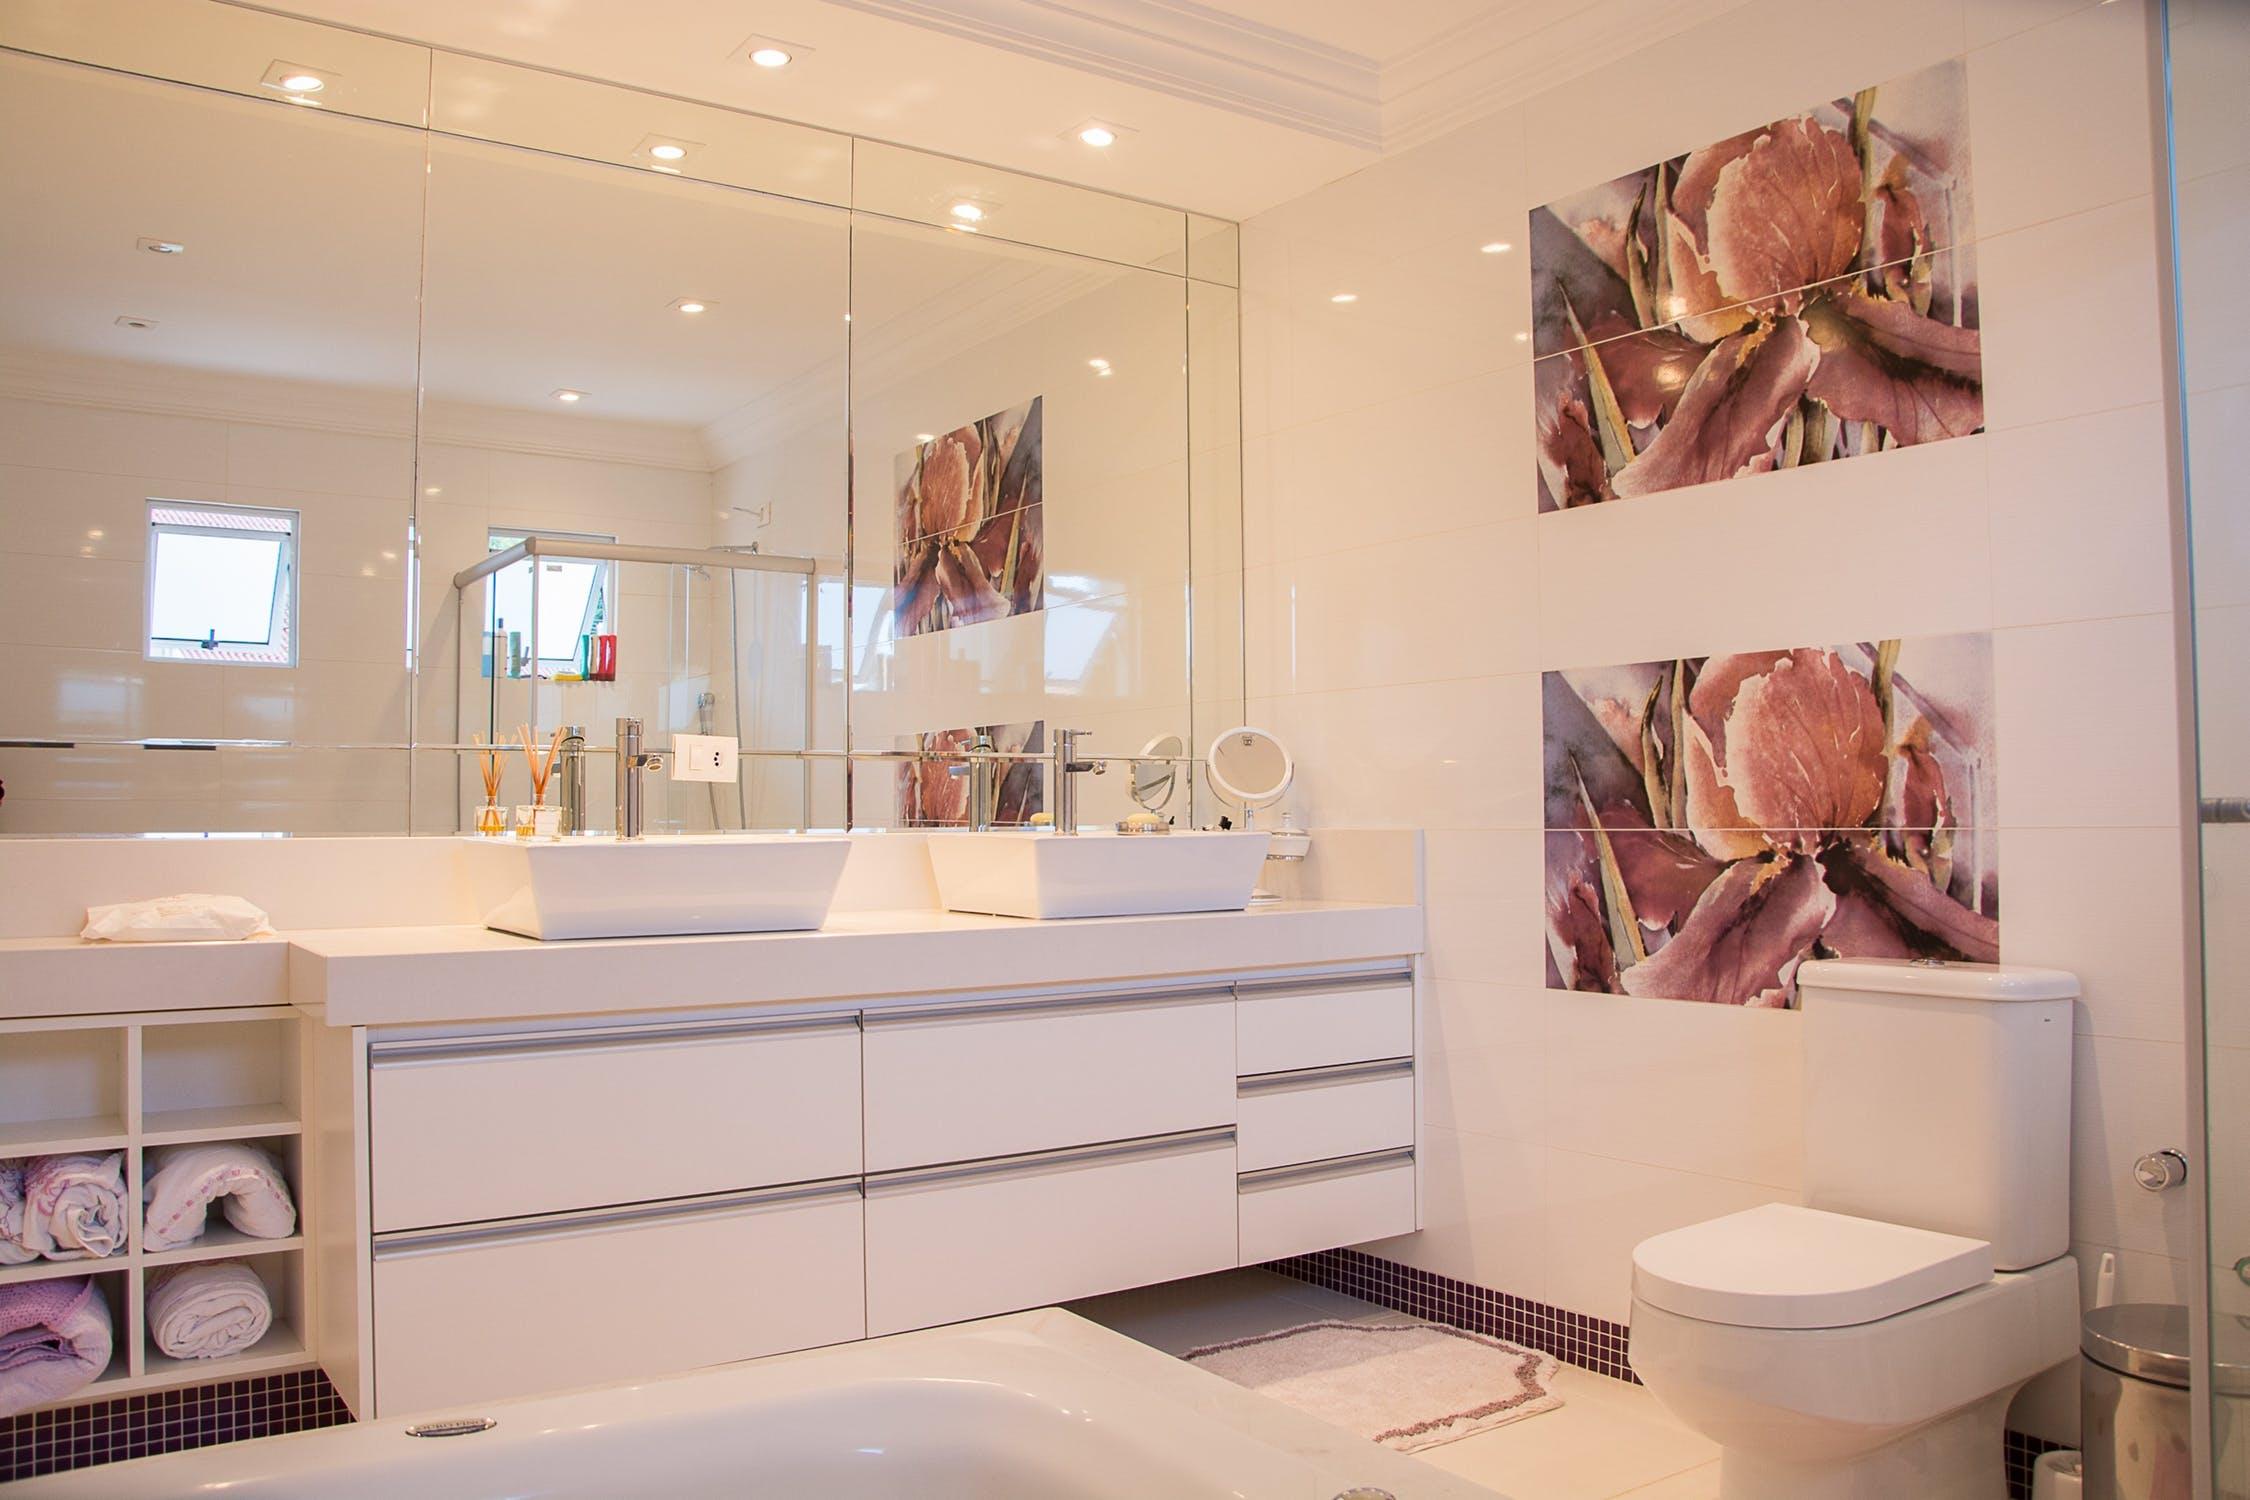 Decorer Sa Salle De Bain Soi Meme l'art de la maison en un blog